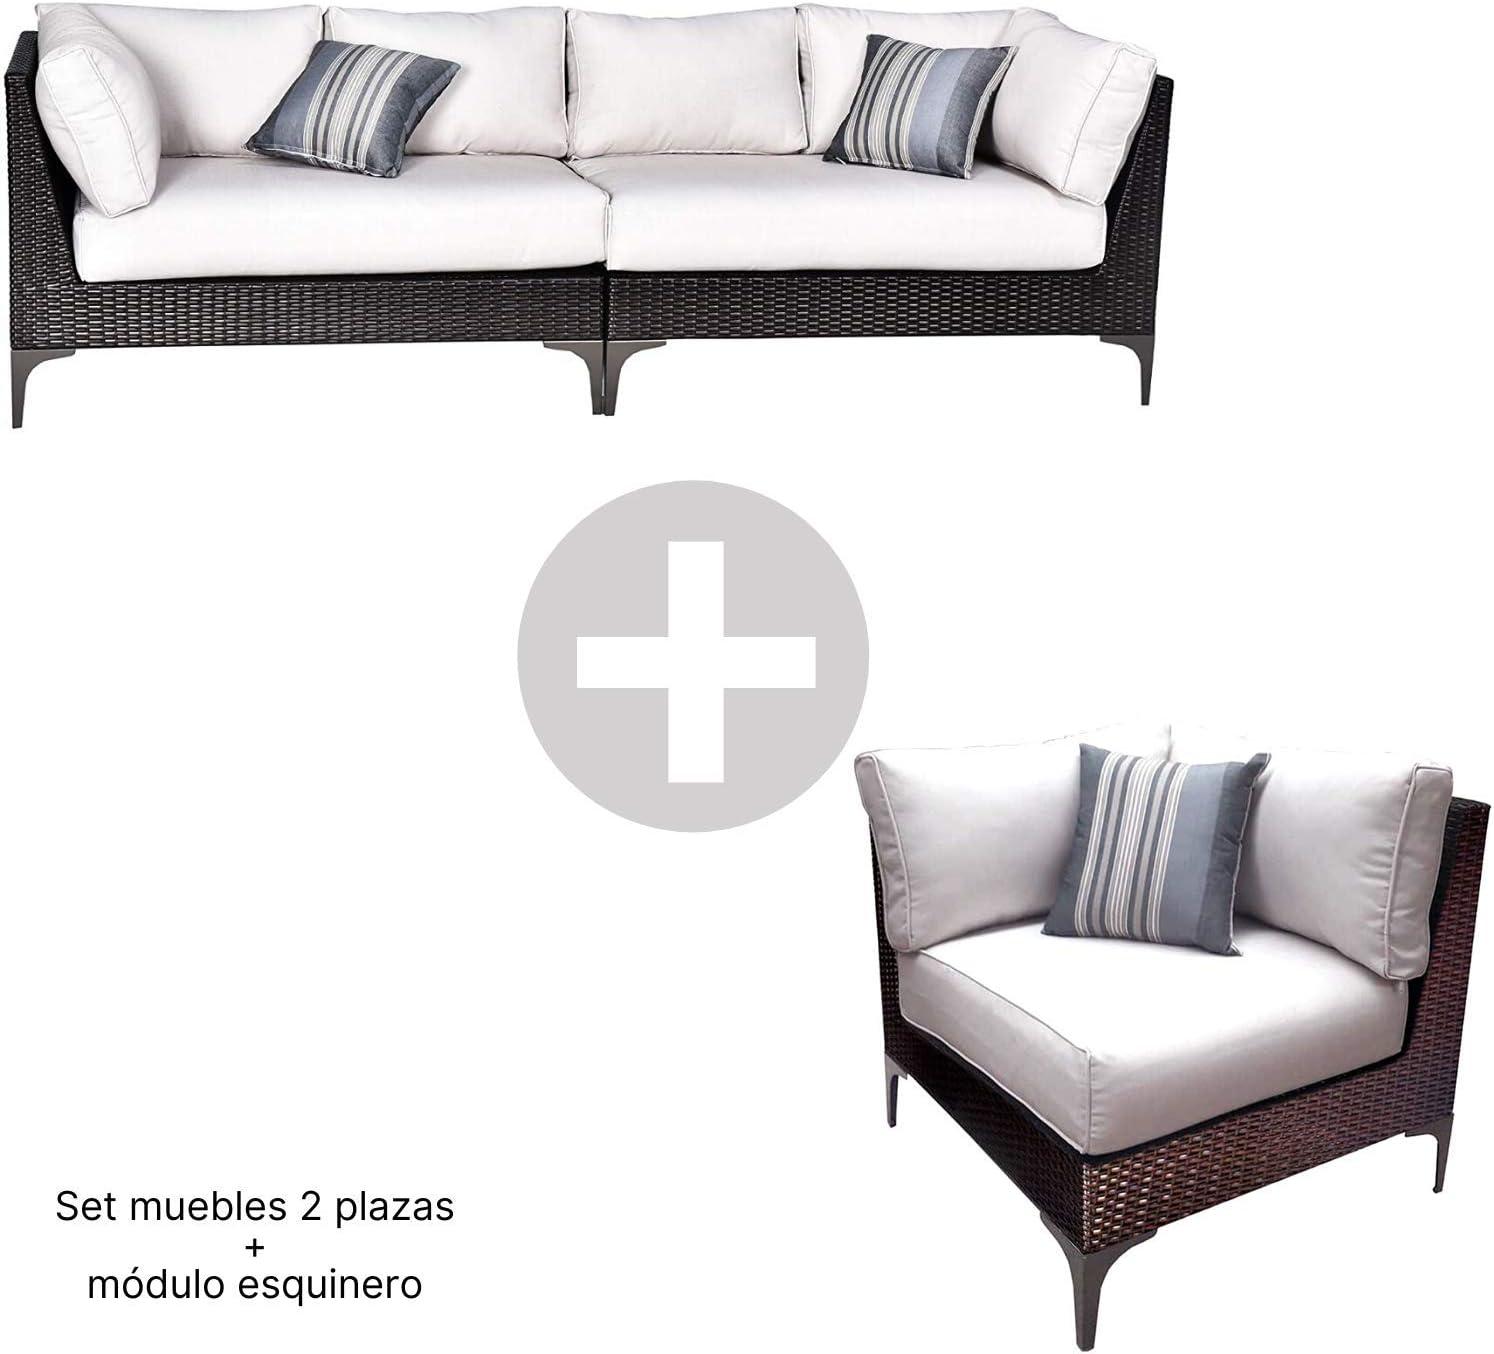 Conjunto Muebles de Jardín Ratán | Módulo Esquinero + Sofá 2 plazas Izquierdo + Sofá 2 plazas Derecho | Muebles para terraza/Exterior | Set de Ratán Sintético | Modelo Santo Color Marrón Chocolate: Amazon.es: Jardín